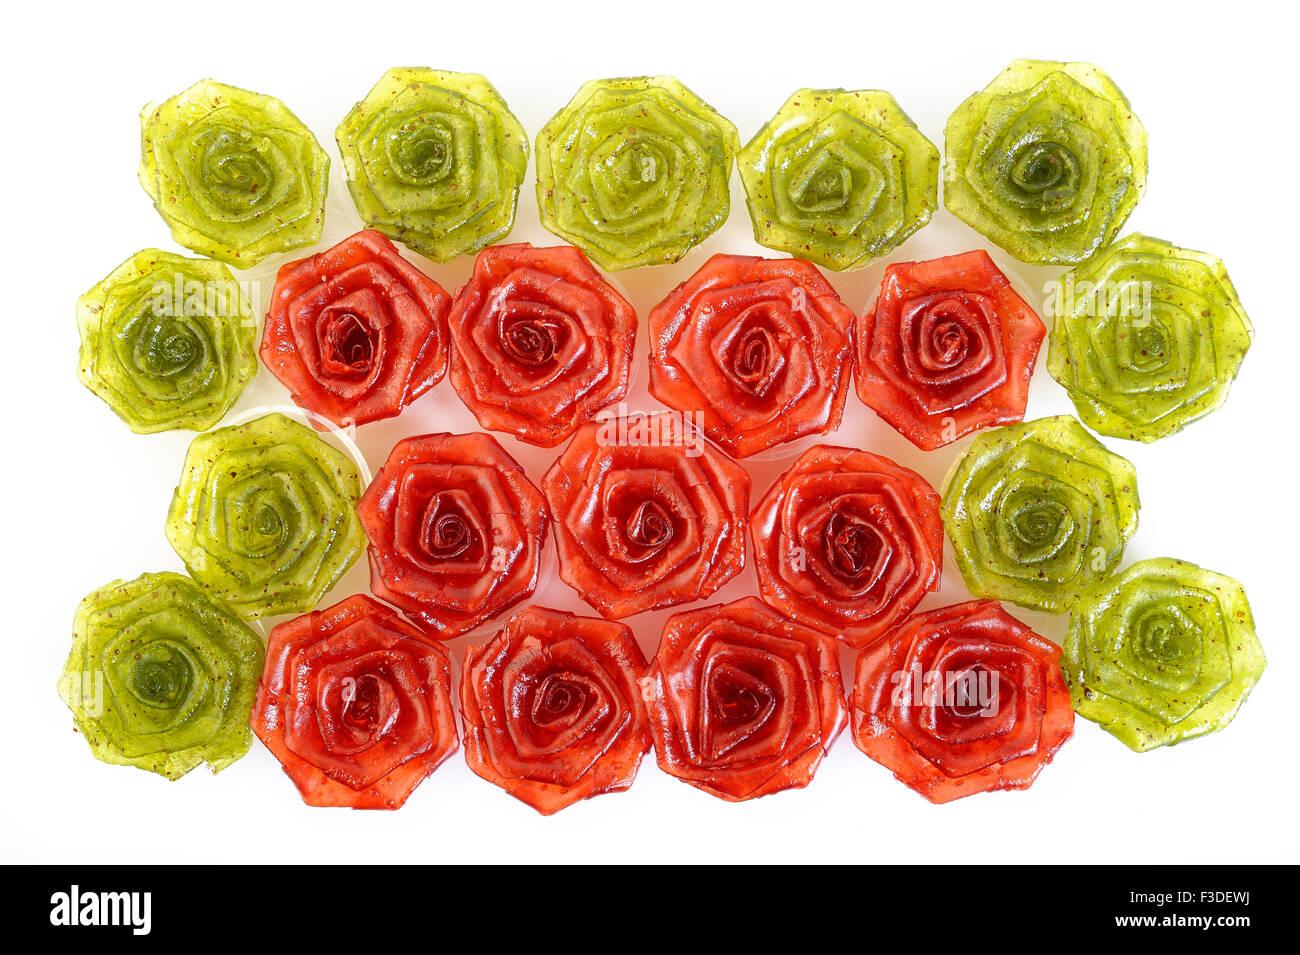 Kiwi-Erdbeer-Marmelade Konditorei in Form von Rose auf weißem Hintergrund Stockbild